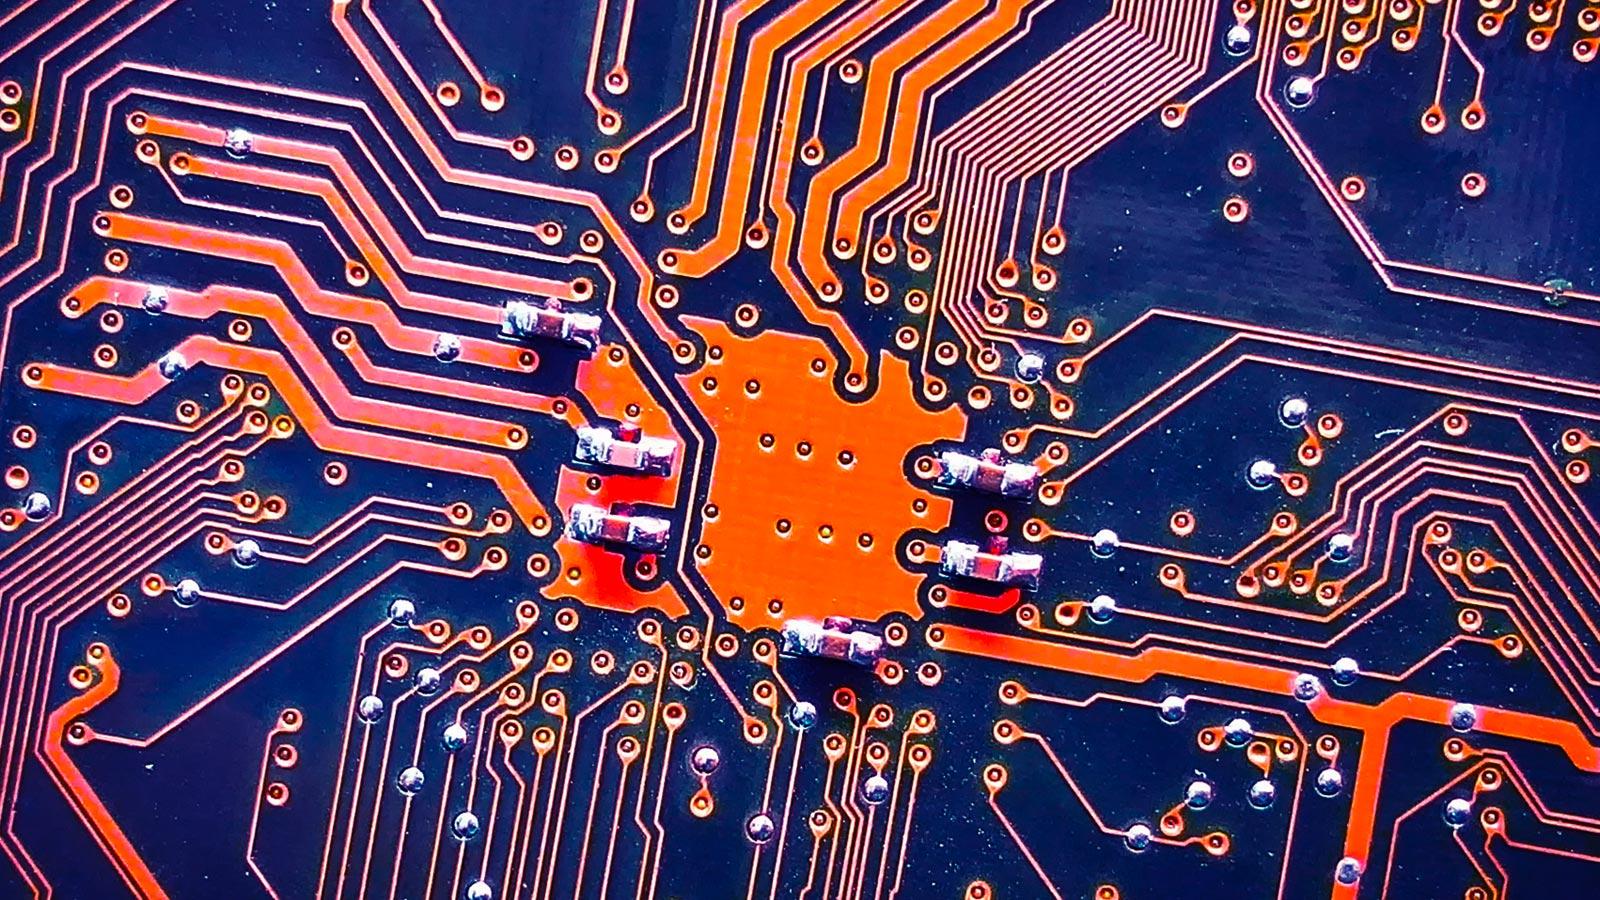 cignoli-elettroforniture-installazione-industriale-automazione-illuminazione-41